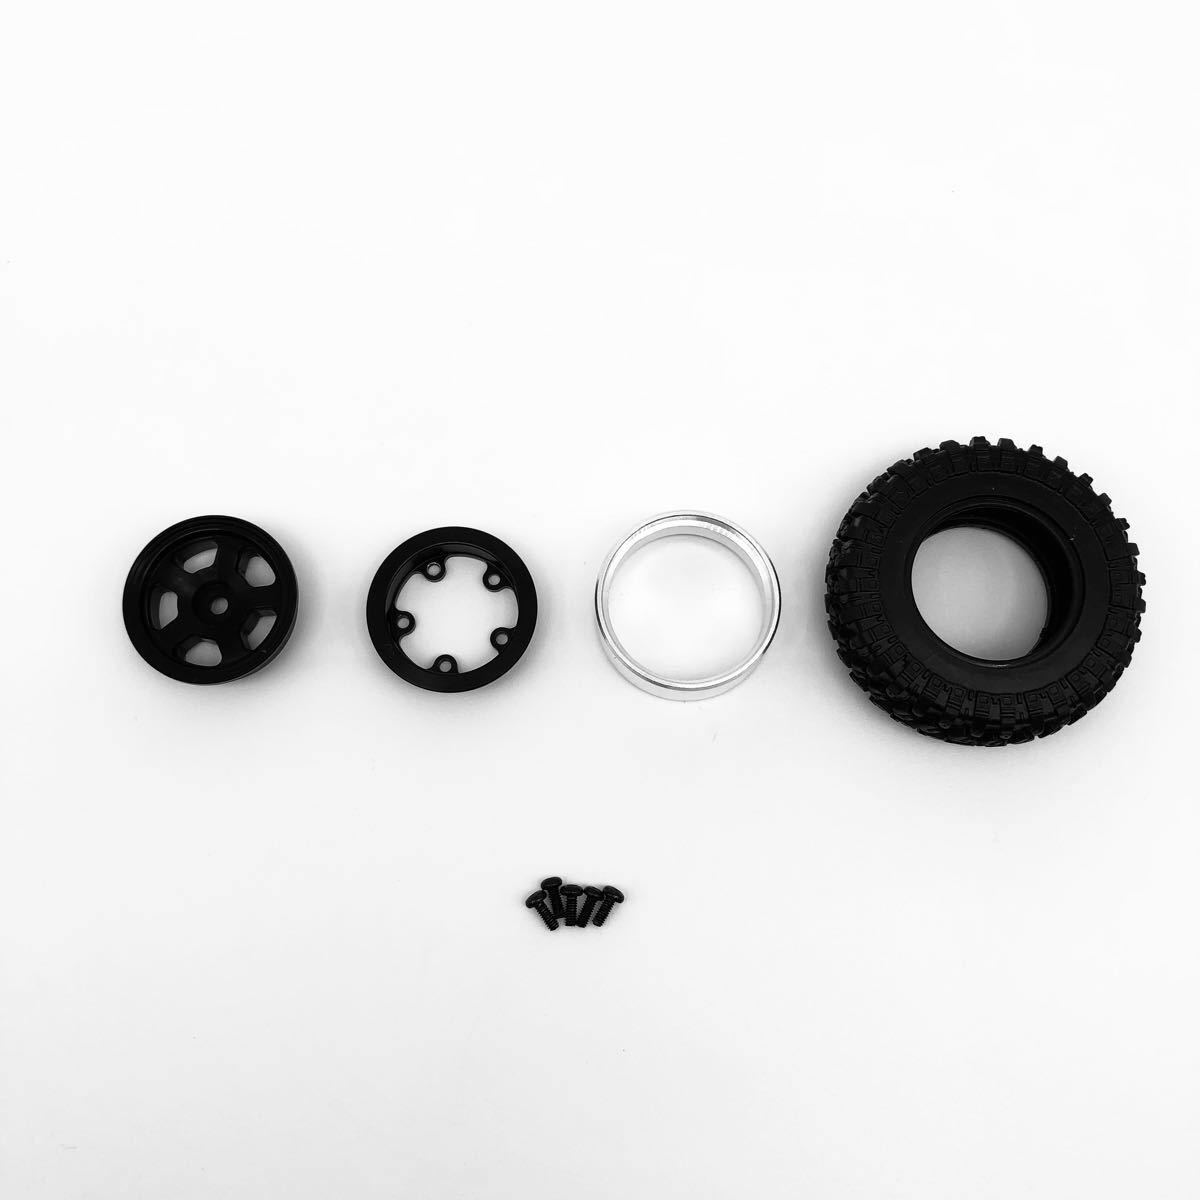 新品未開封 アルミ製 ビードロック ホイール ミニッツ 4x4 変換ハブ セット 4×4